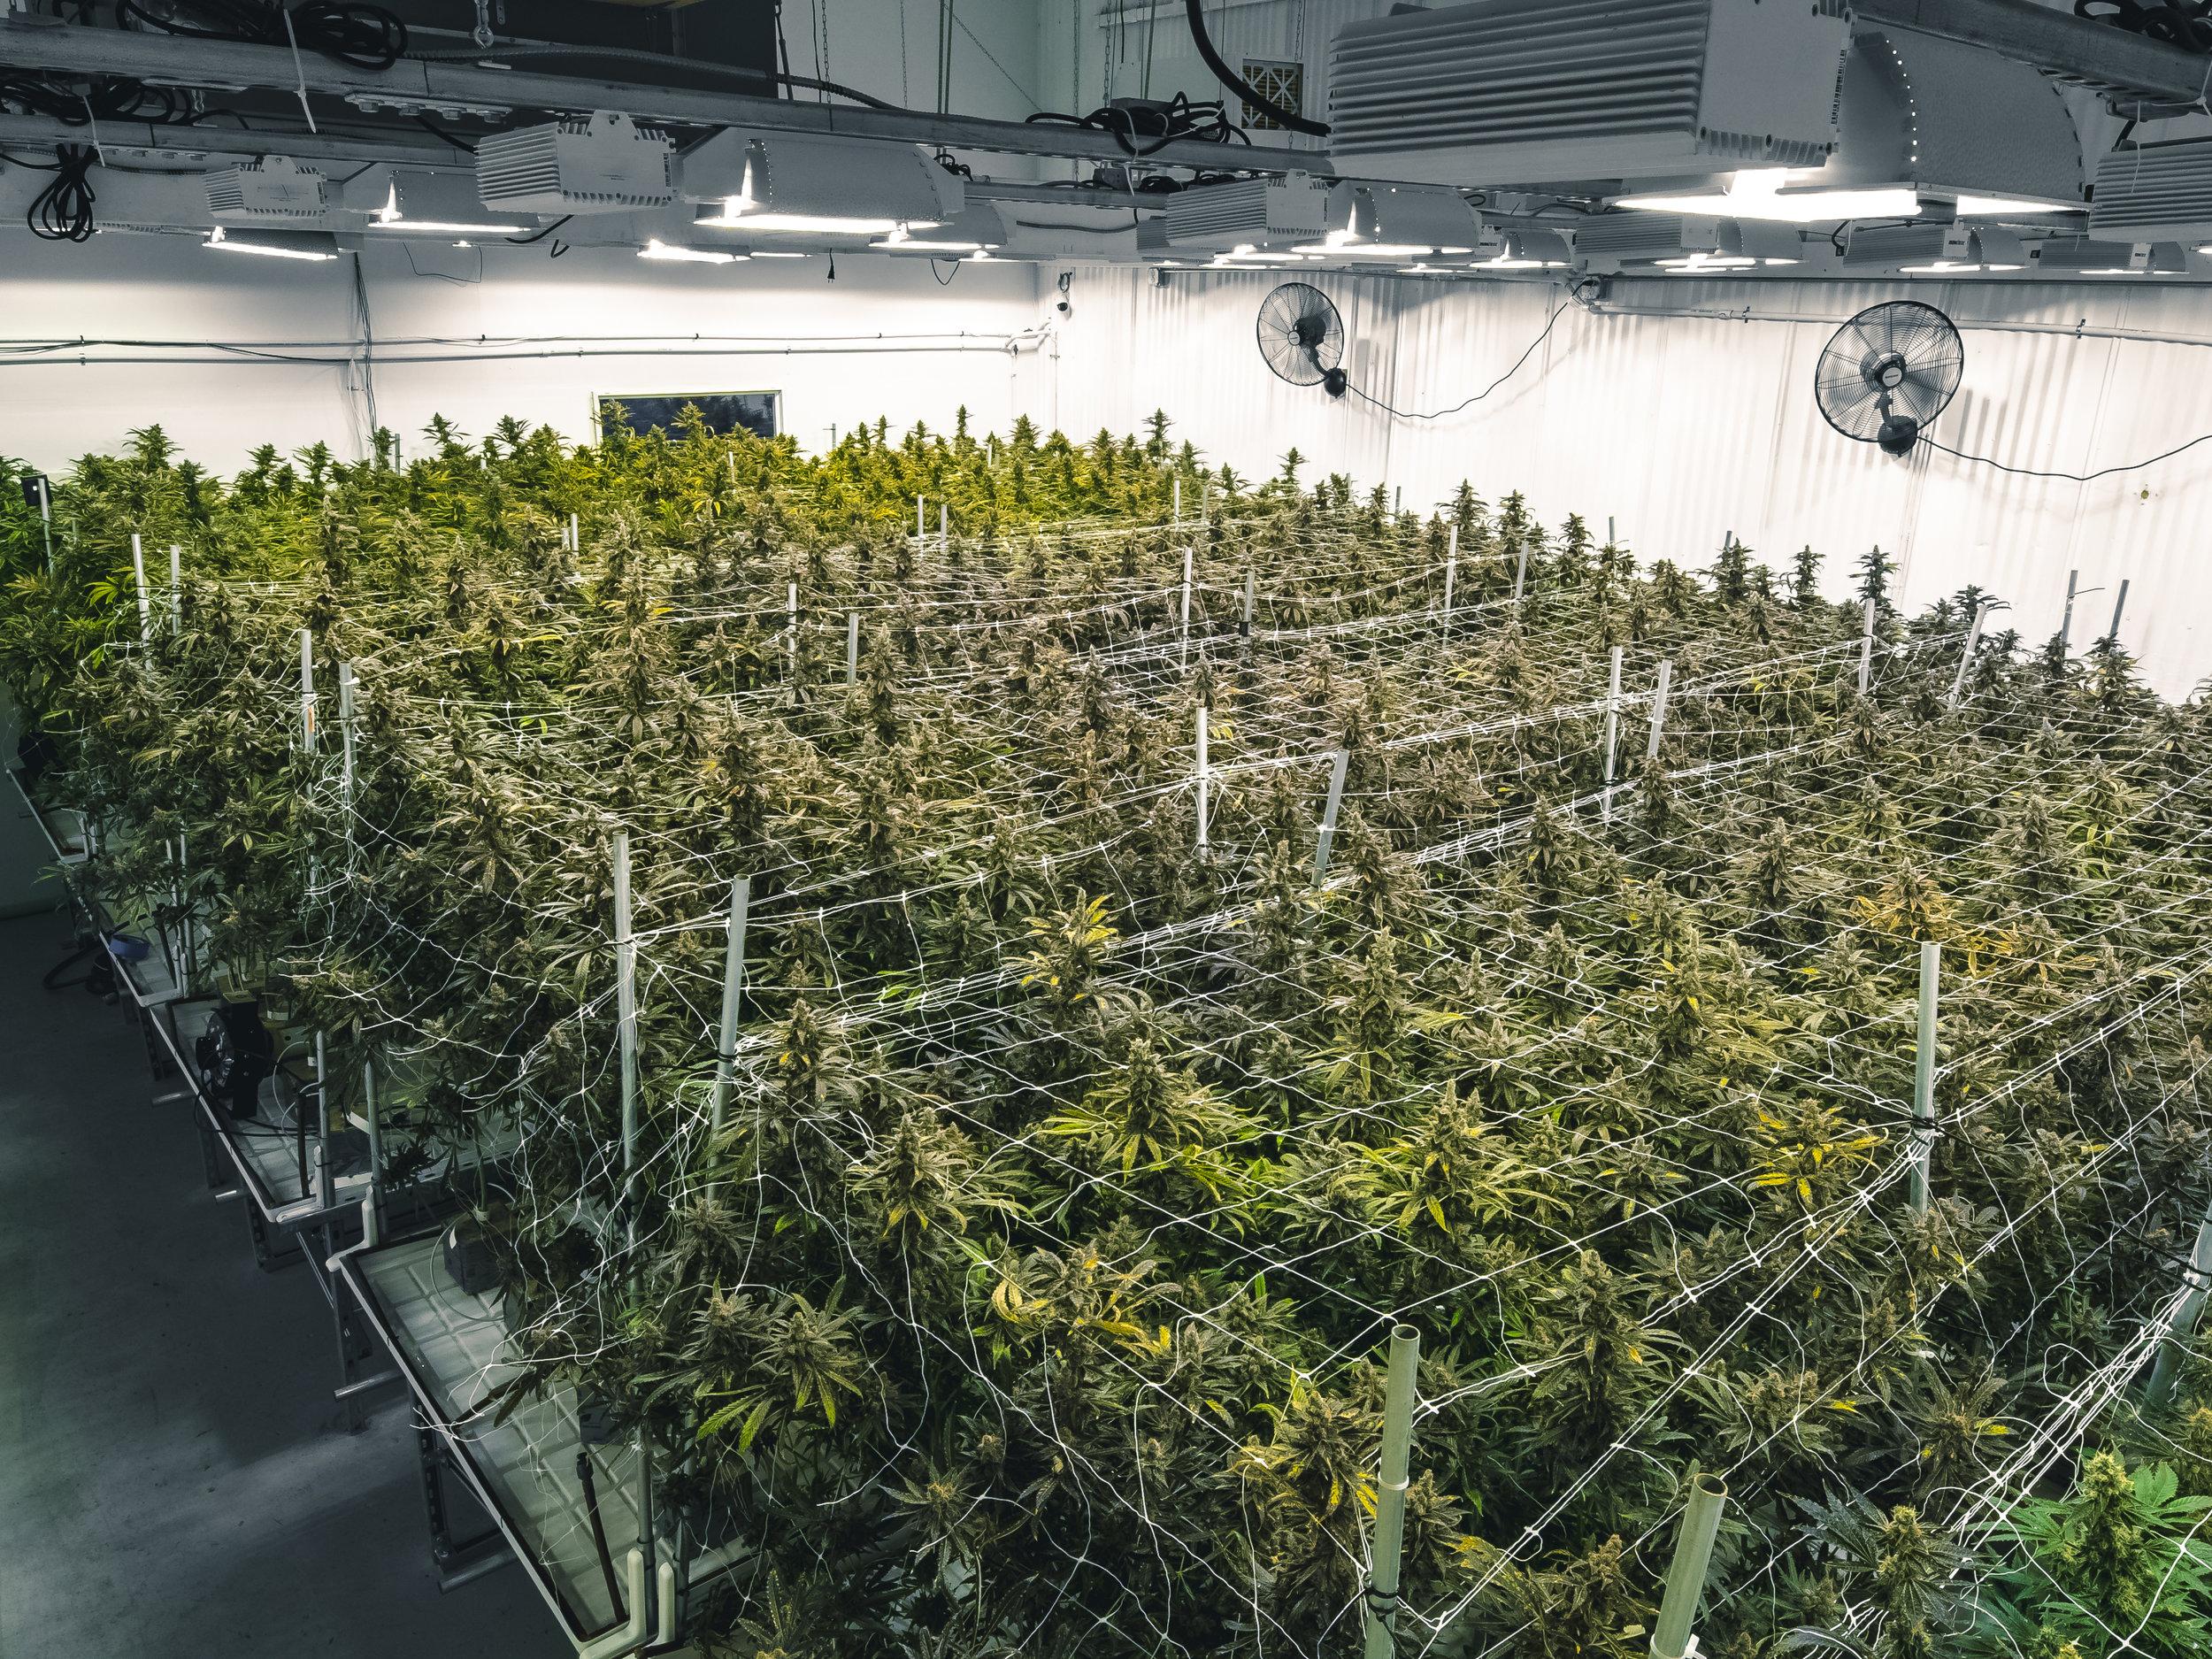 Indoor_Commercial_Growing_Operation_for_Recreational_Marijuana_Plants.jpg